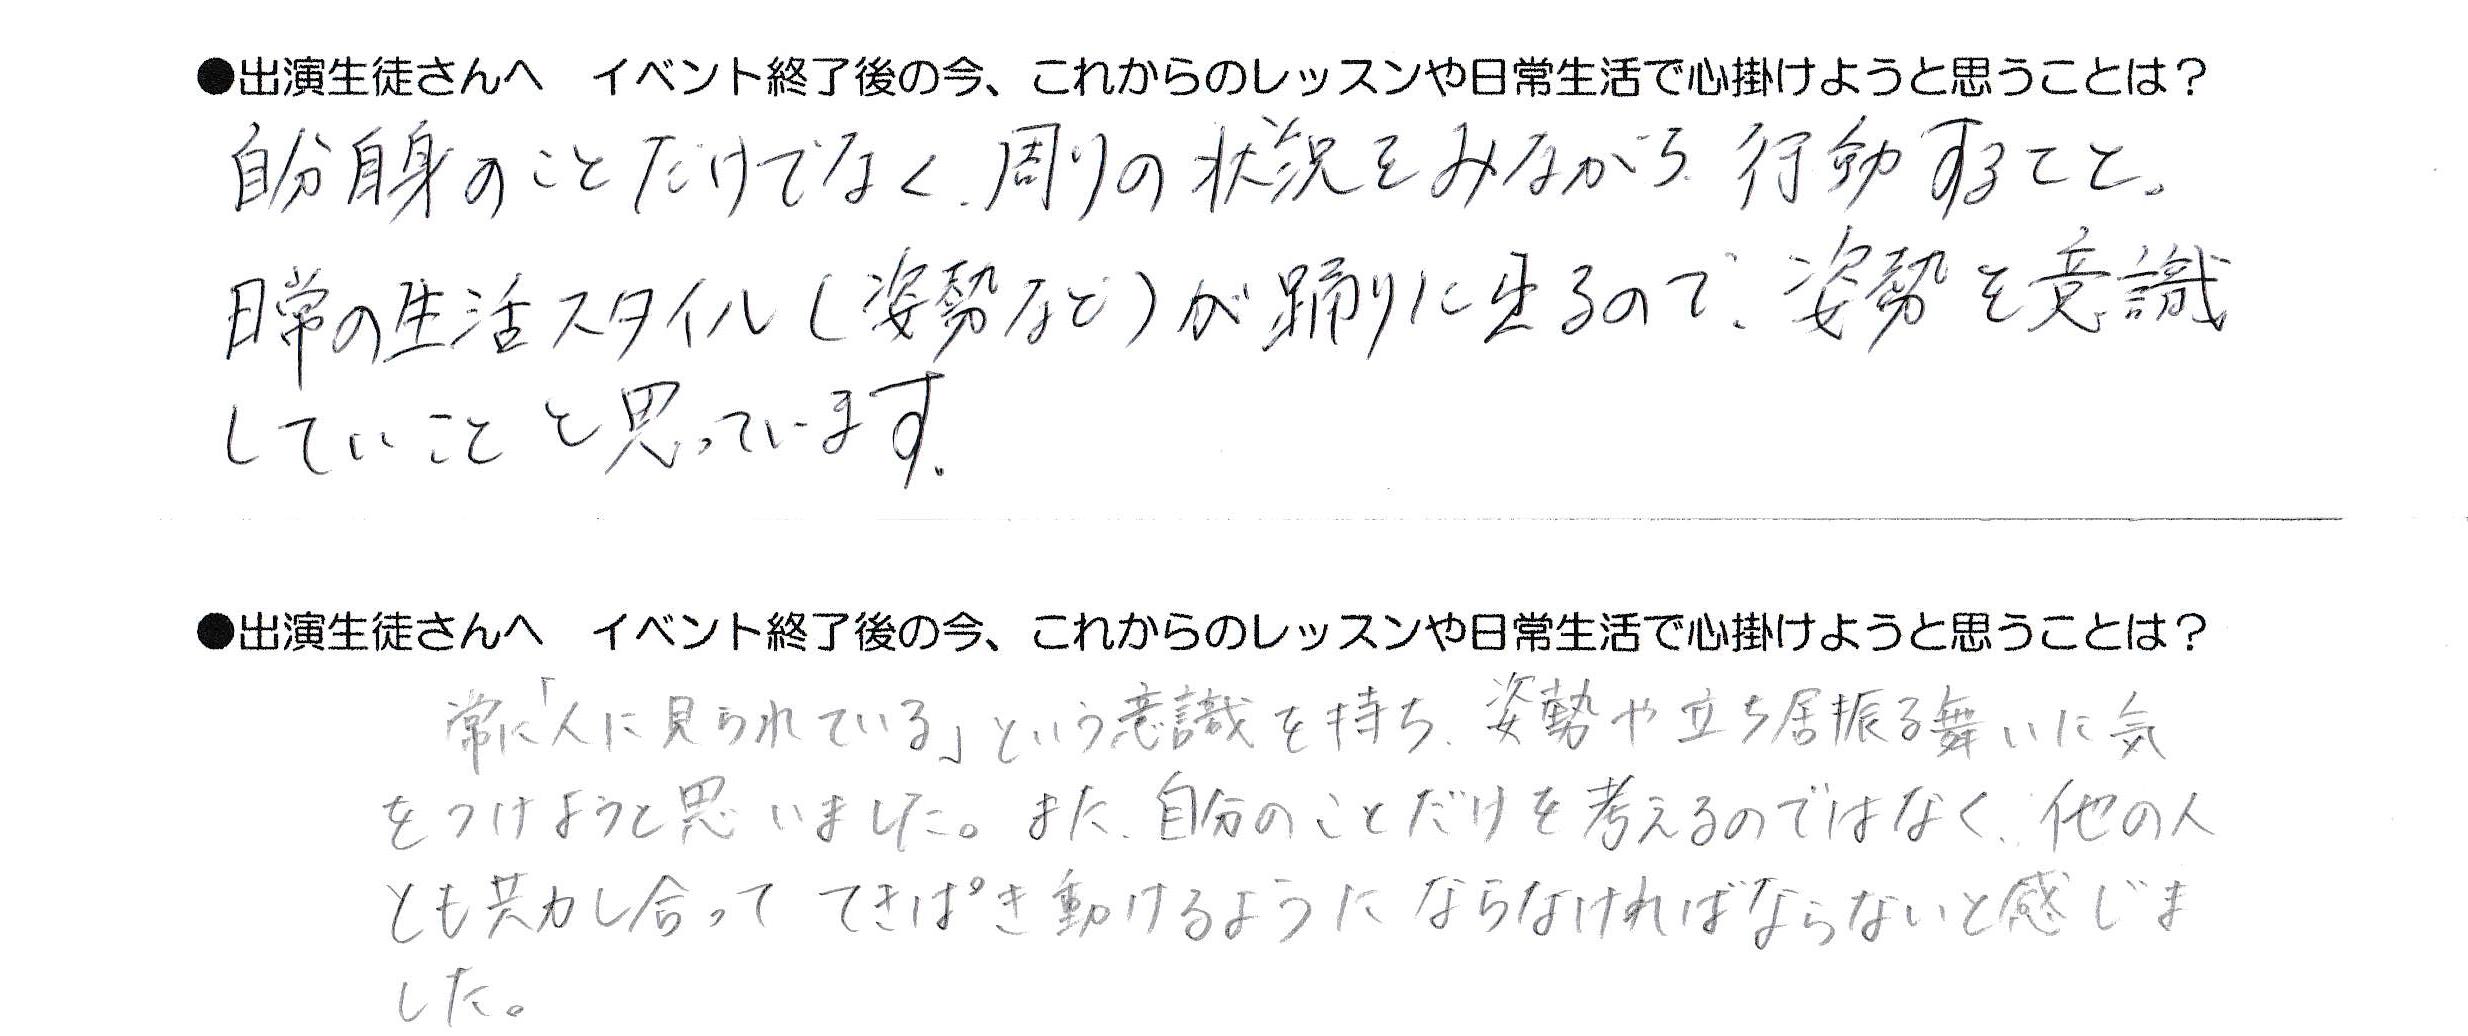 岡島久子フラメンコ教室イベントアンケート(出演生徒の感想2019-4)